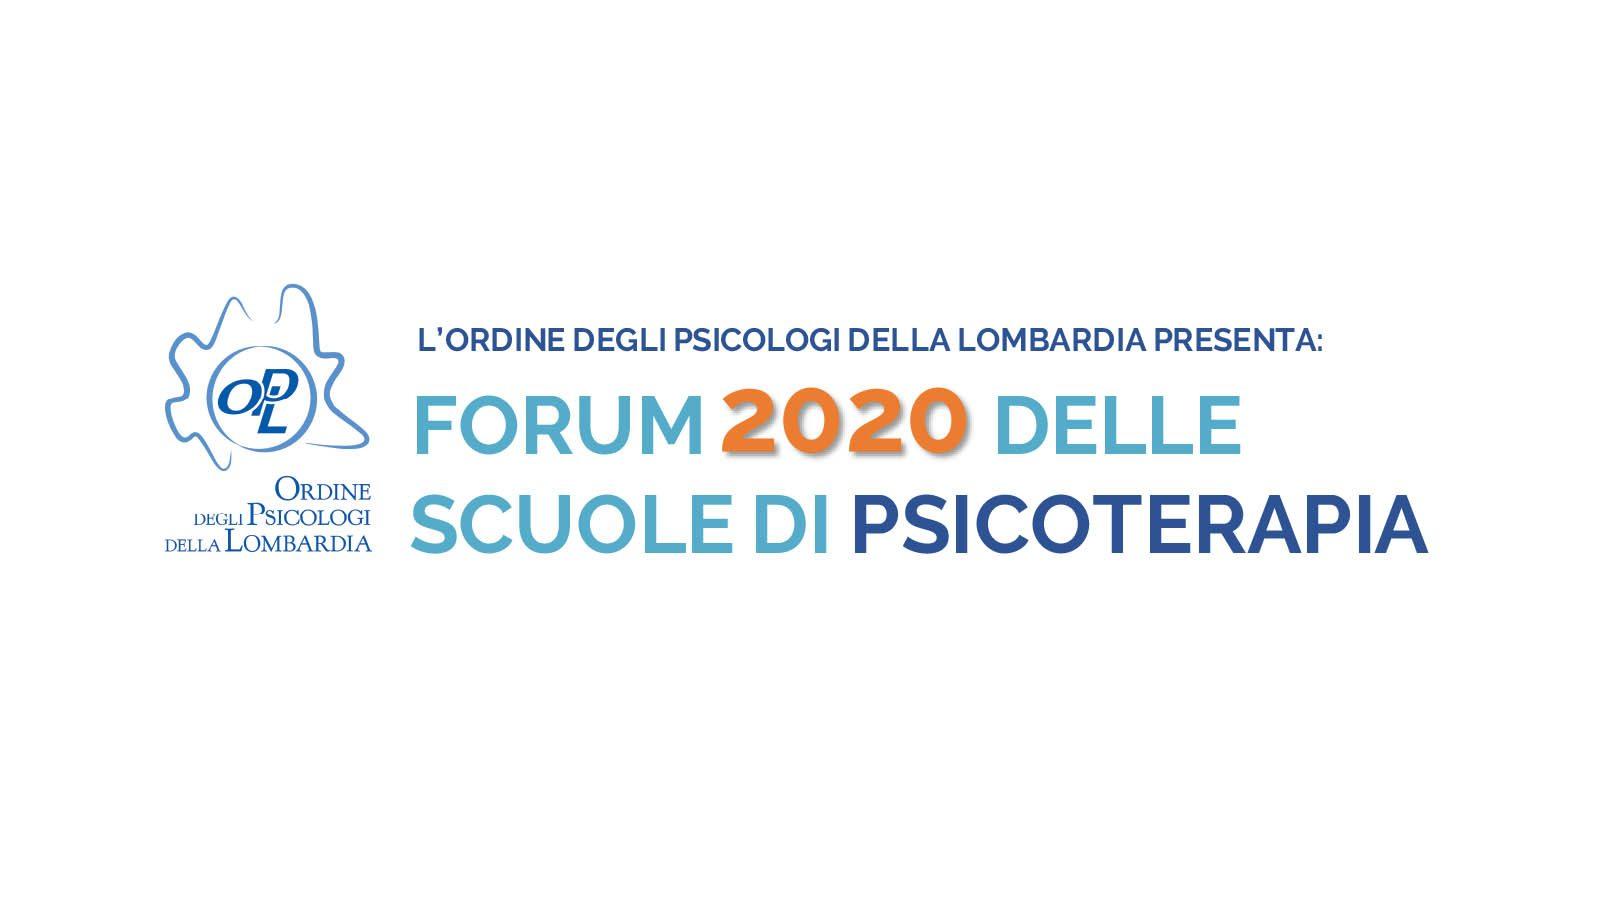 Forum 2020 Scuole di Psicoterapia - Ordine Psicologi della Lombardia OPL - Banner